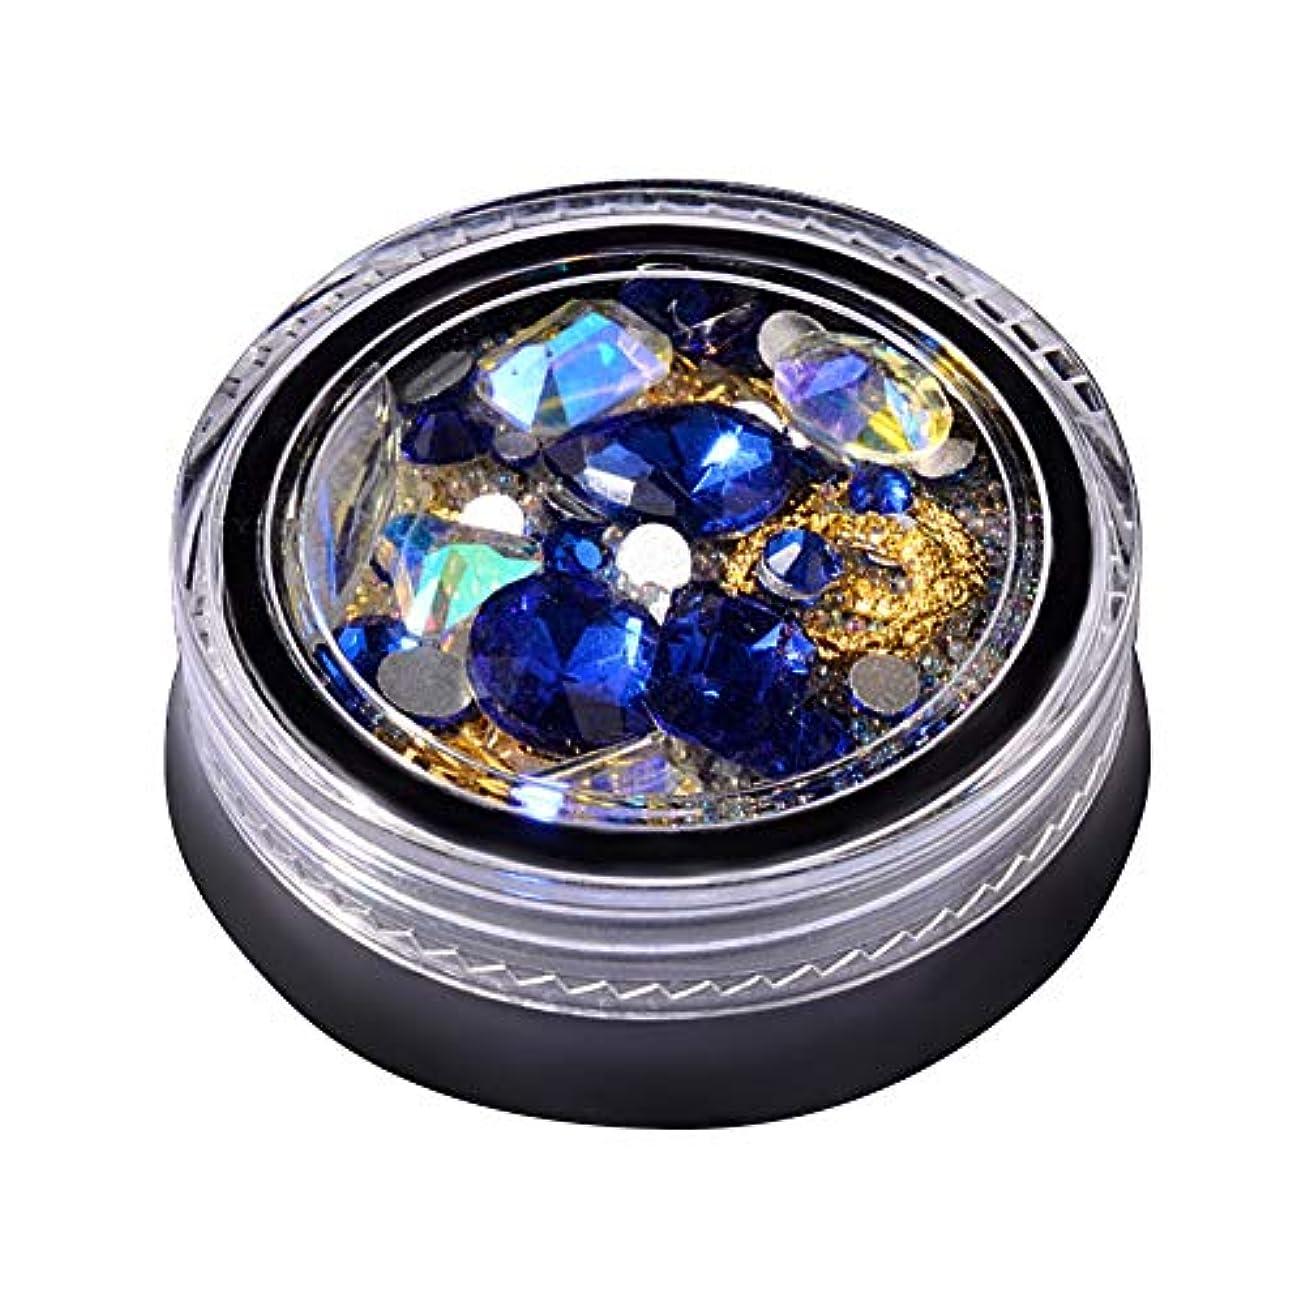 入植者品揃え絶滅したネイルジュエリーネイルダイヤモンド形の多面的な創造的な装飾的な模造ダイヤモンドドリルダイヤモンドは青のDIYネイルアートツールセットの小道具